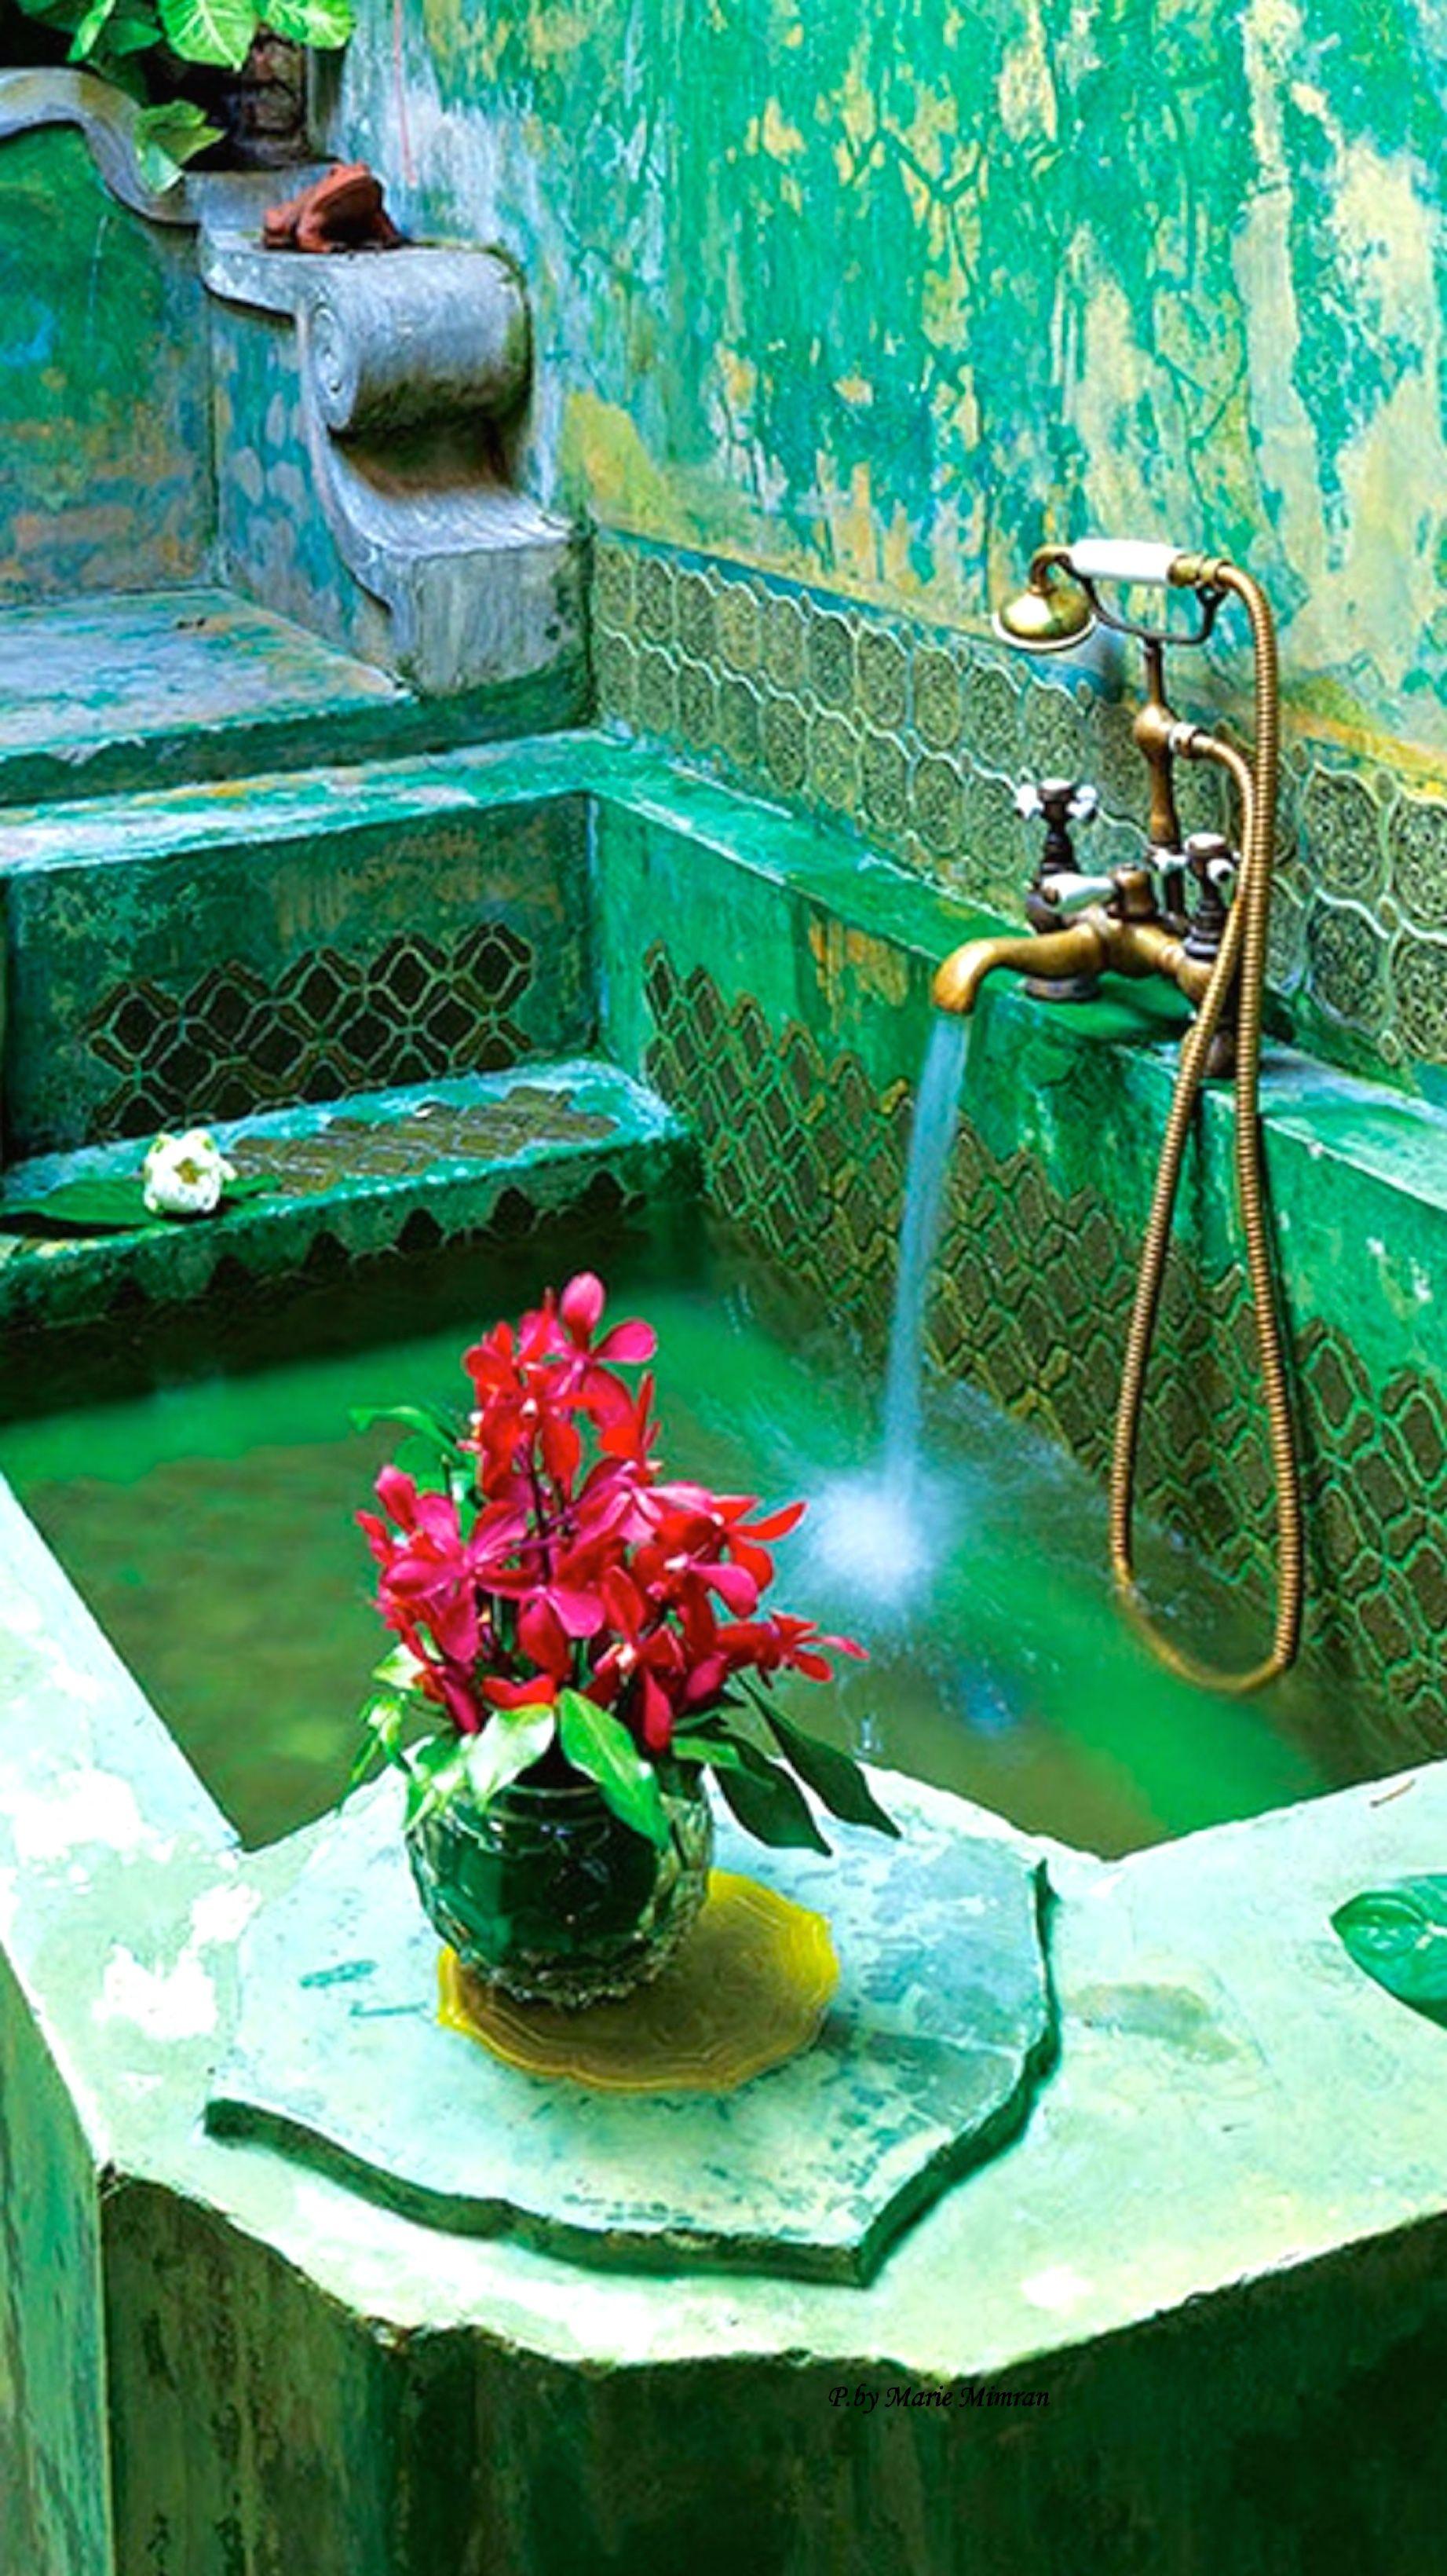 #17B489 Top 25  Best Salle De Séjour Exotique Ideas On Pinterest  3941 salle de sejour moderne 1843x3280 px @ aertt.com